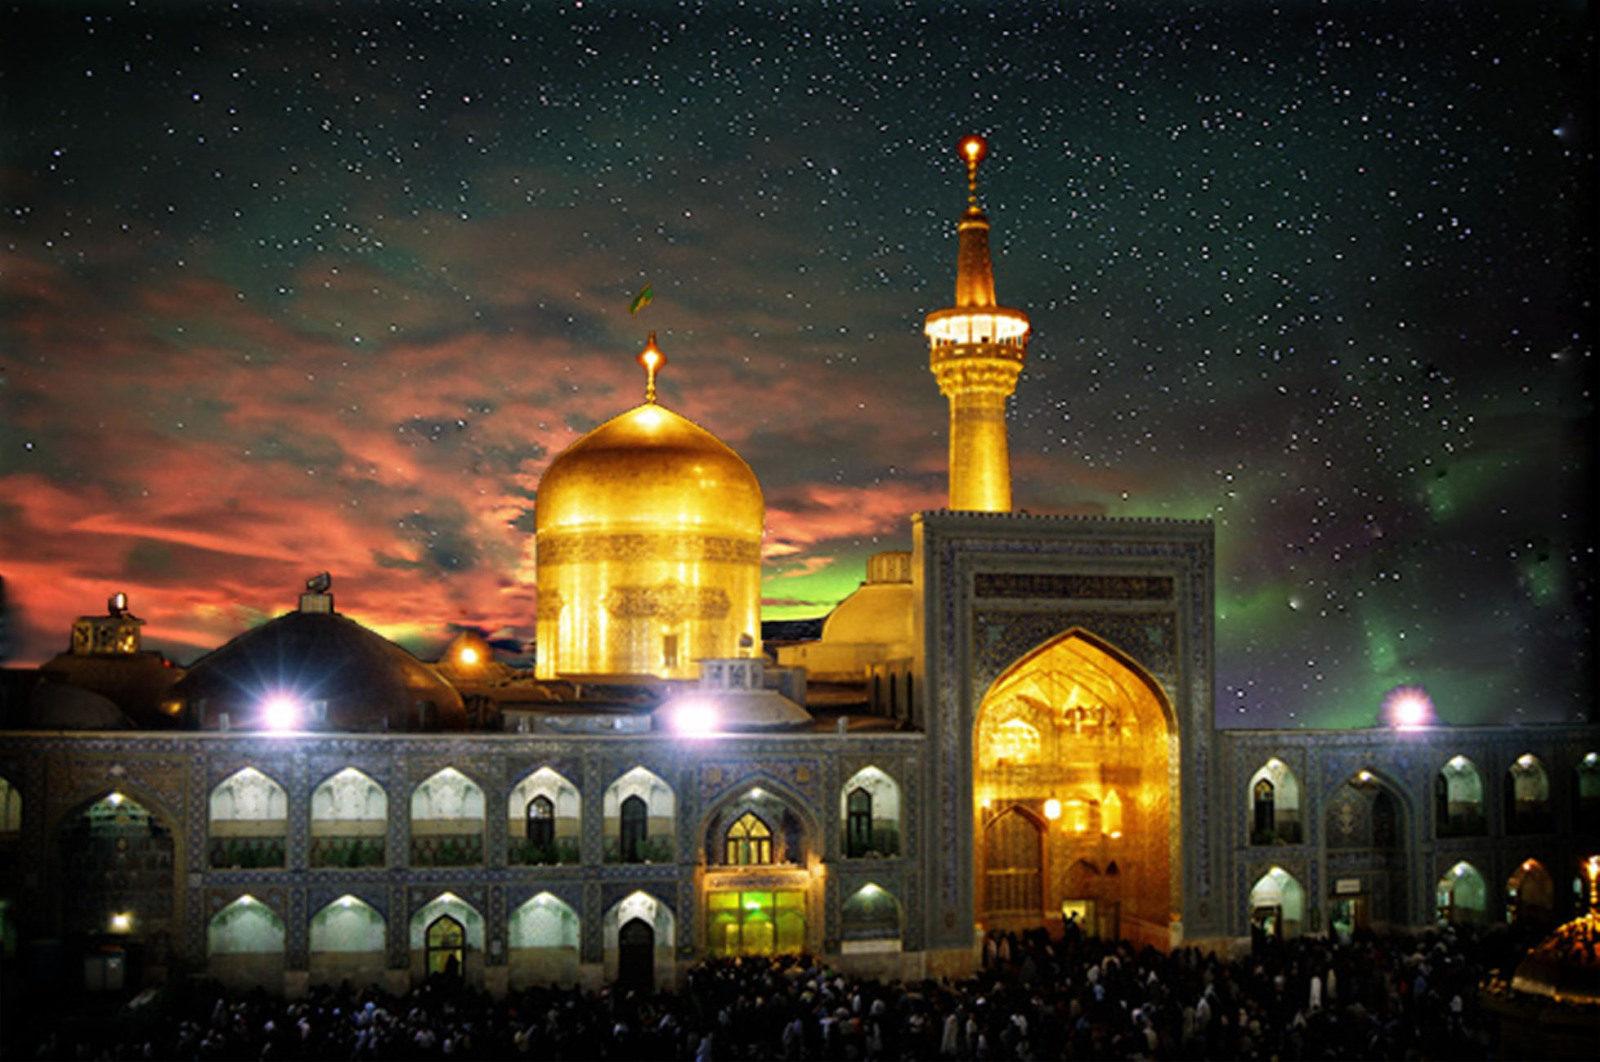 تور لحظه آخری مشهد هوایی از اصفهان برای سه شب و چهار روز